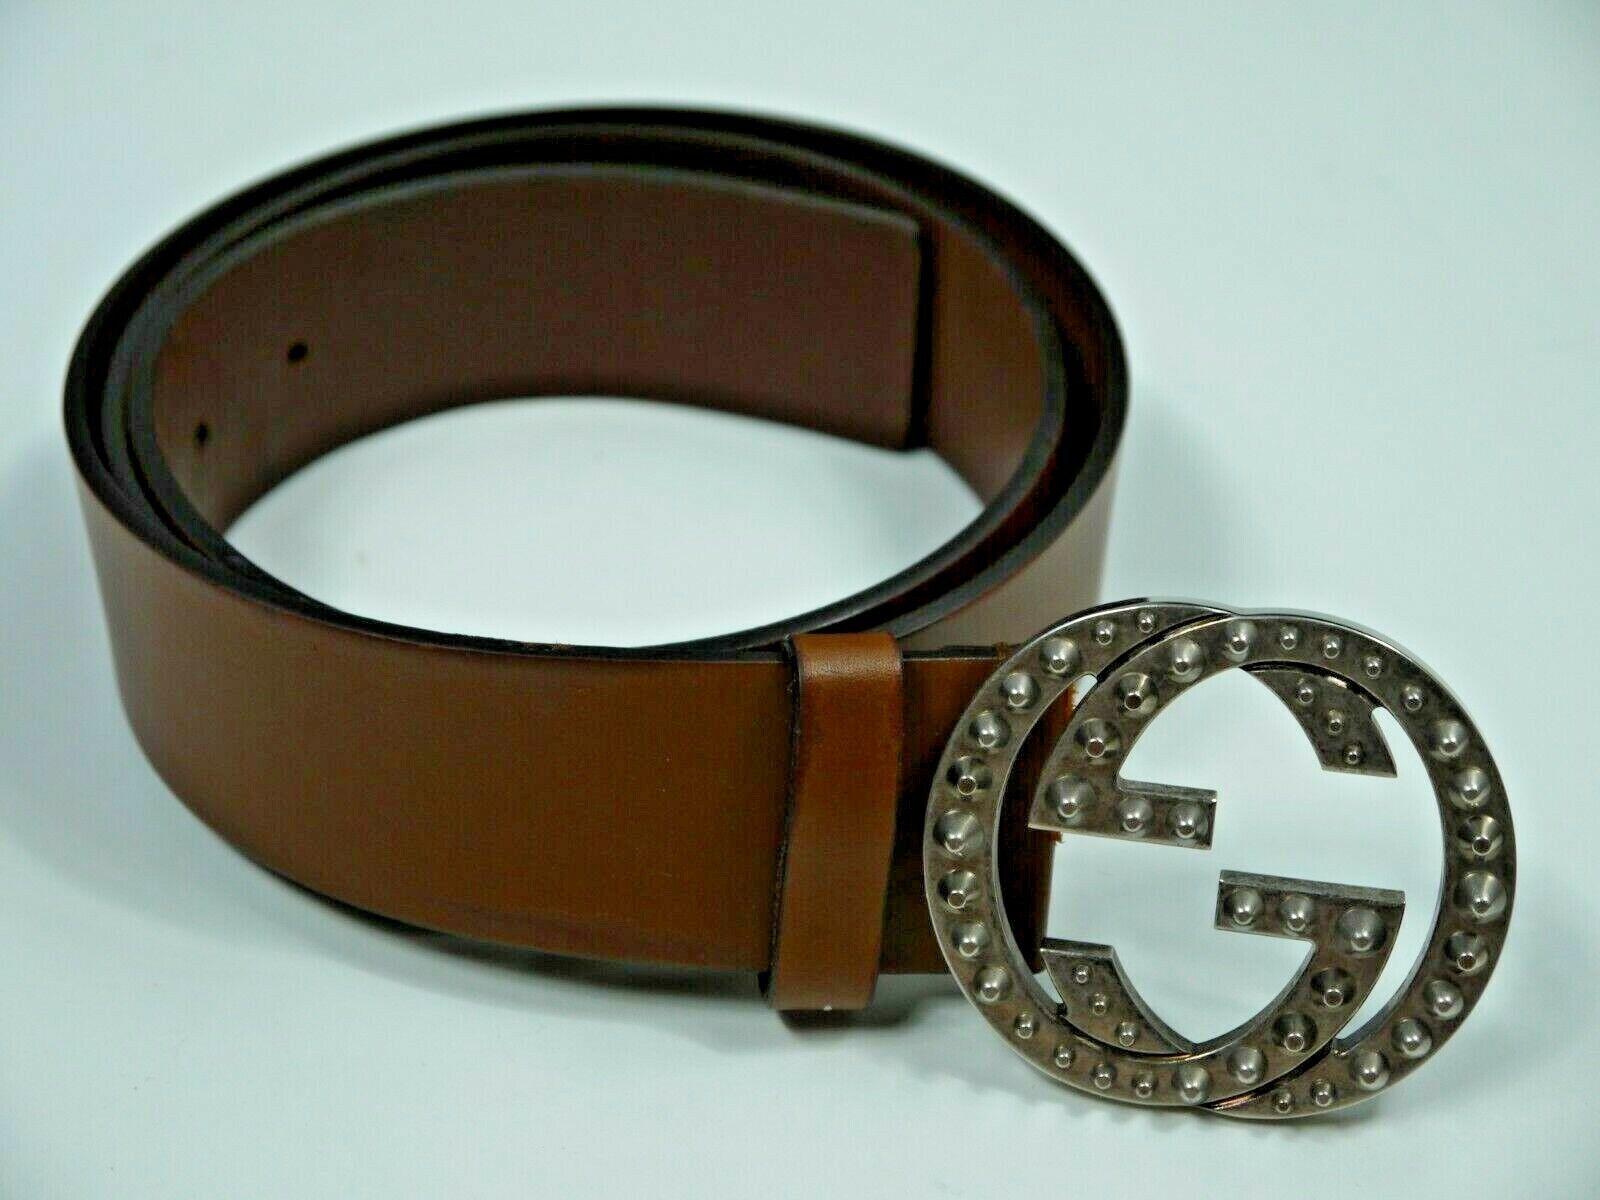 Gucci marron ceinture cuir gg monogramme argent pointe boucle hommes 38 39 40 41